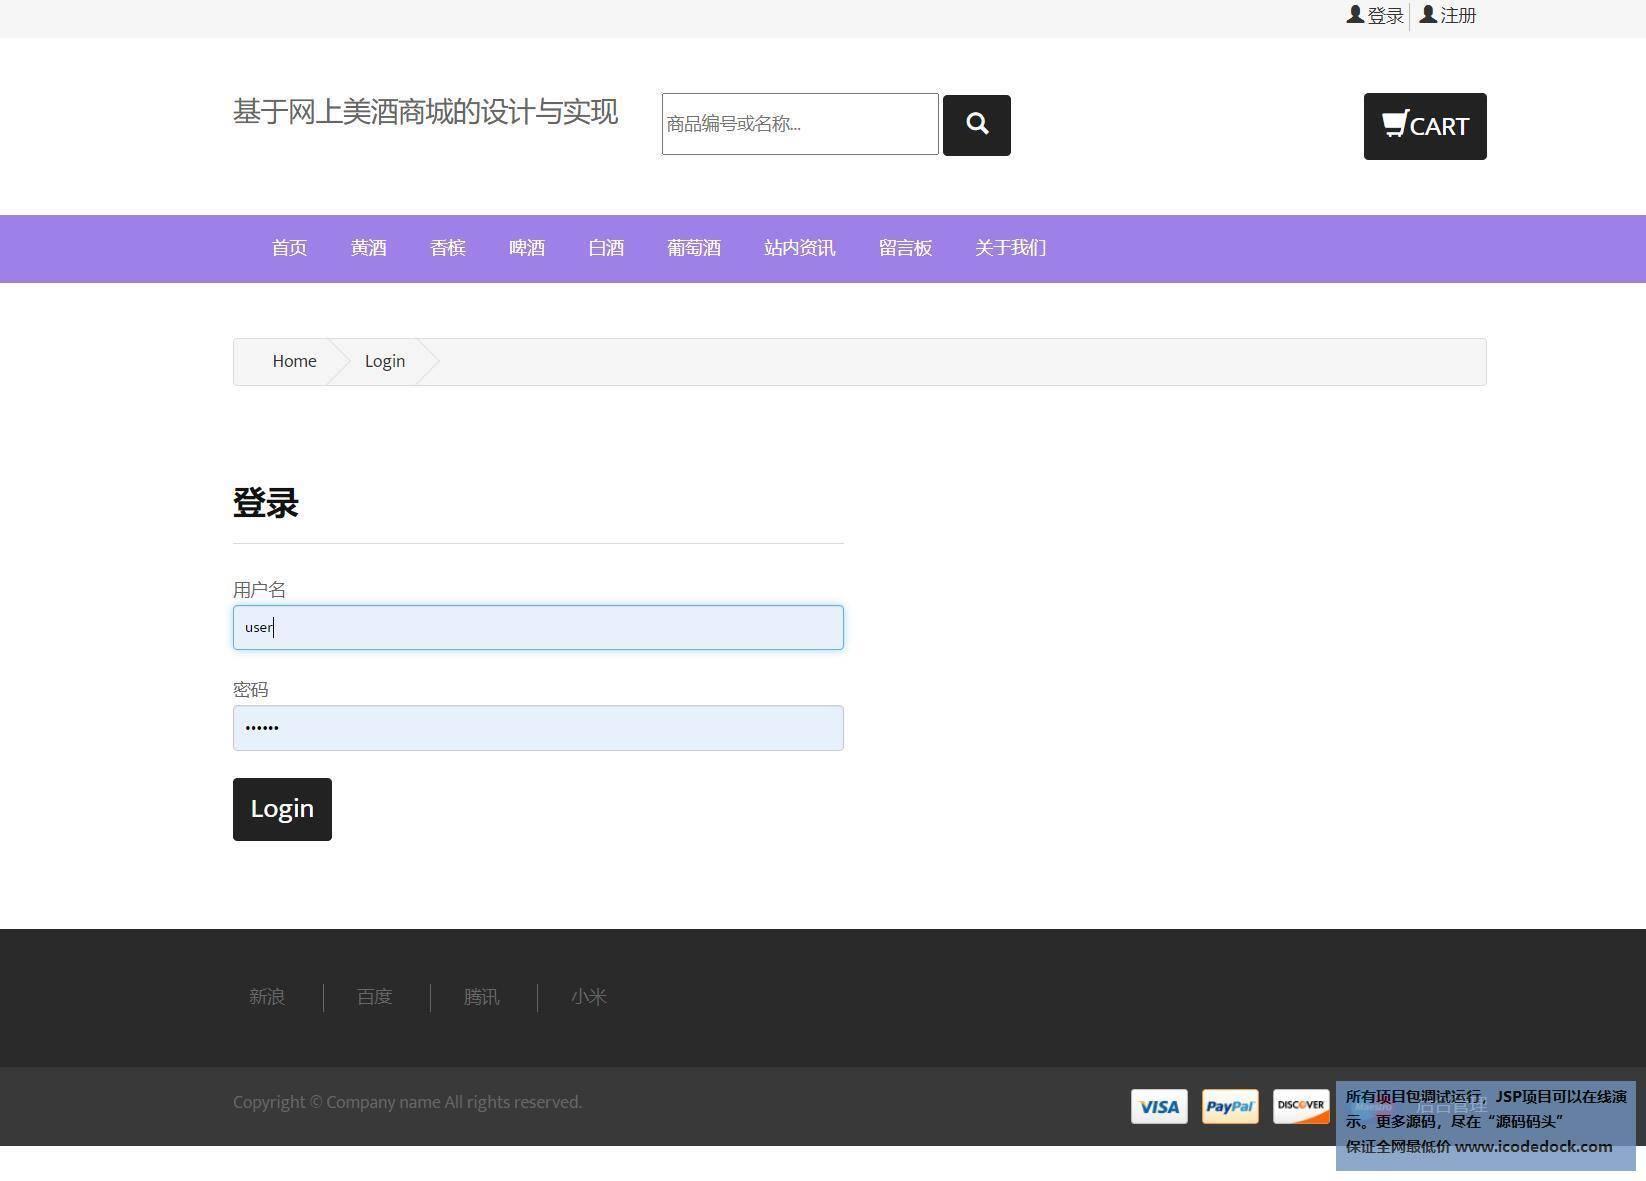 源码码头-JSP网上在线酒类商城系统网站-用户角色-登录和注册